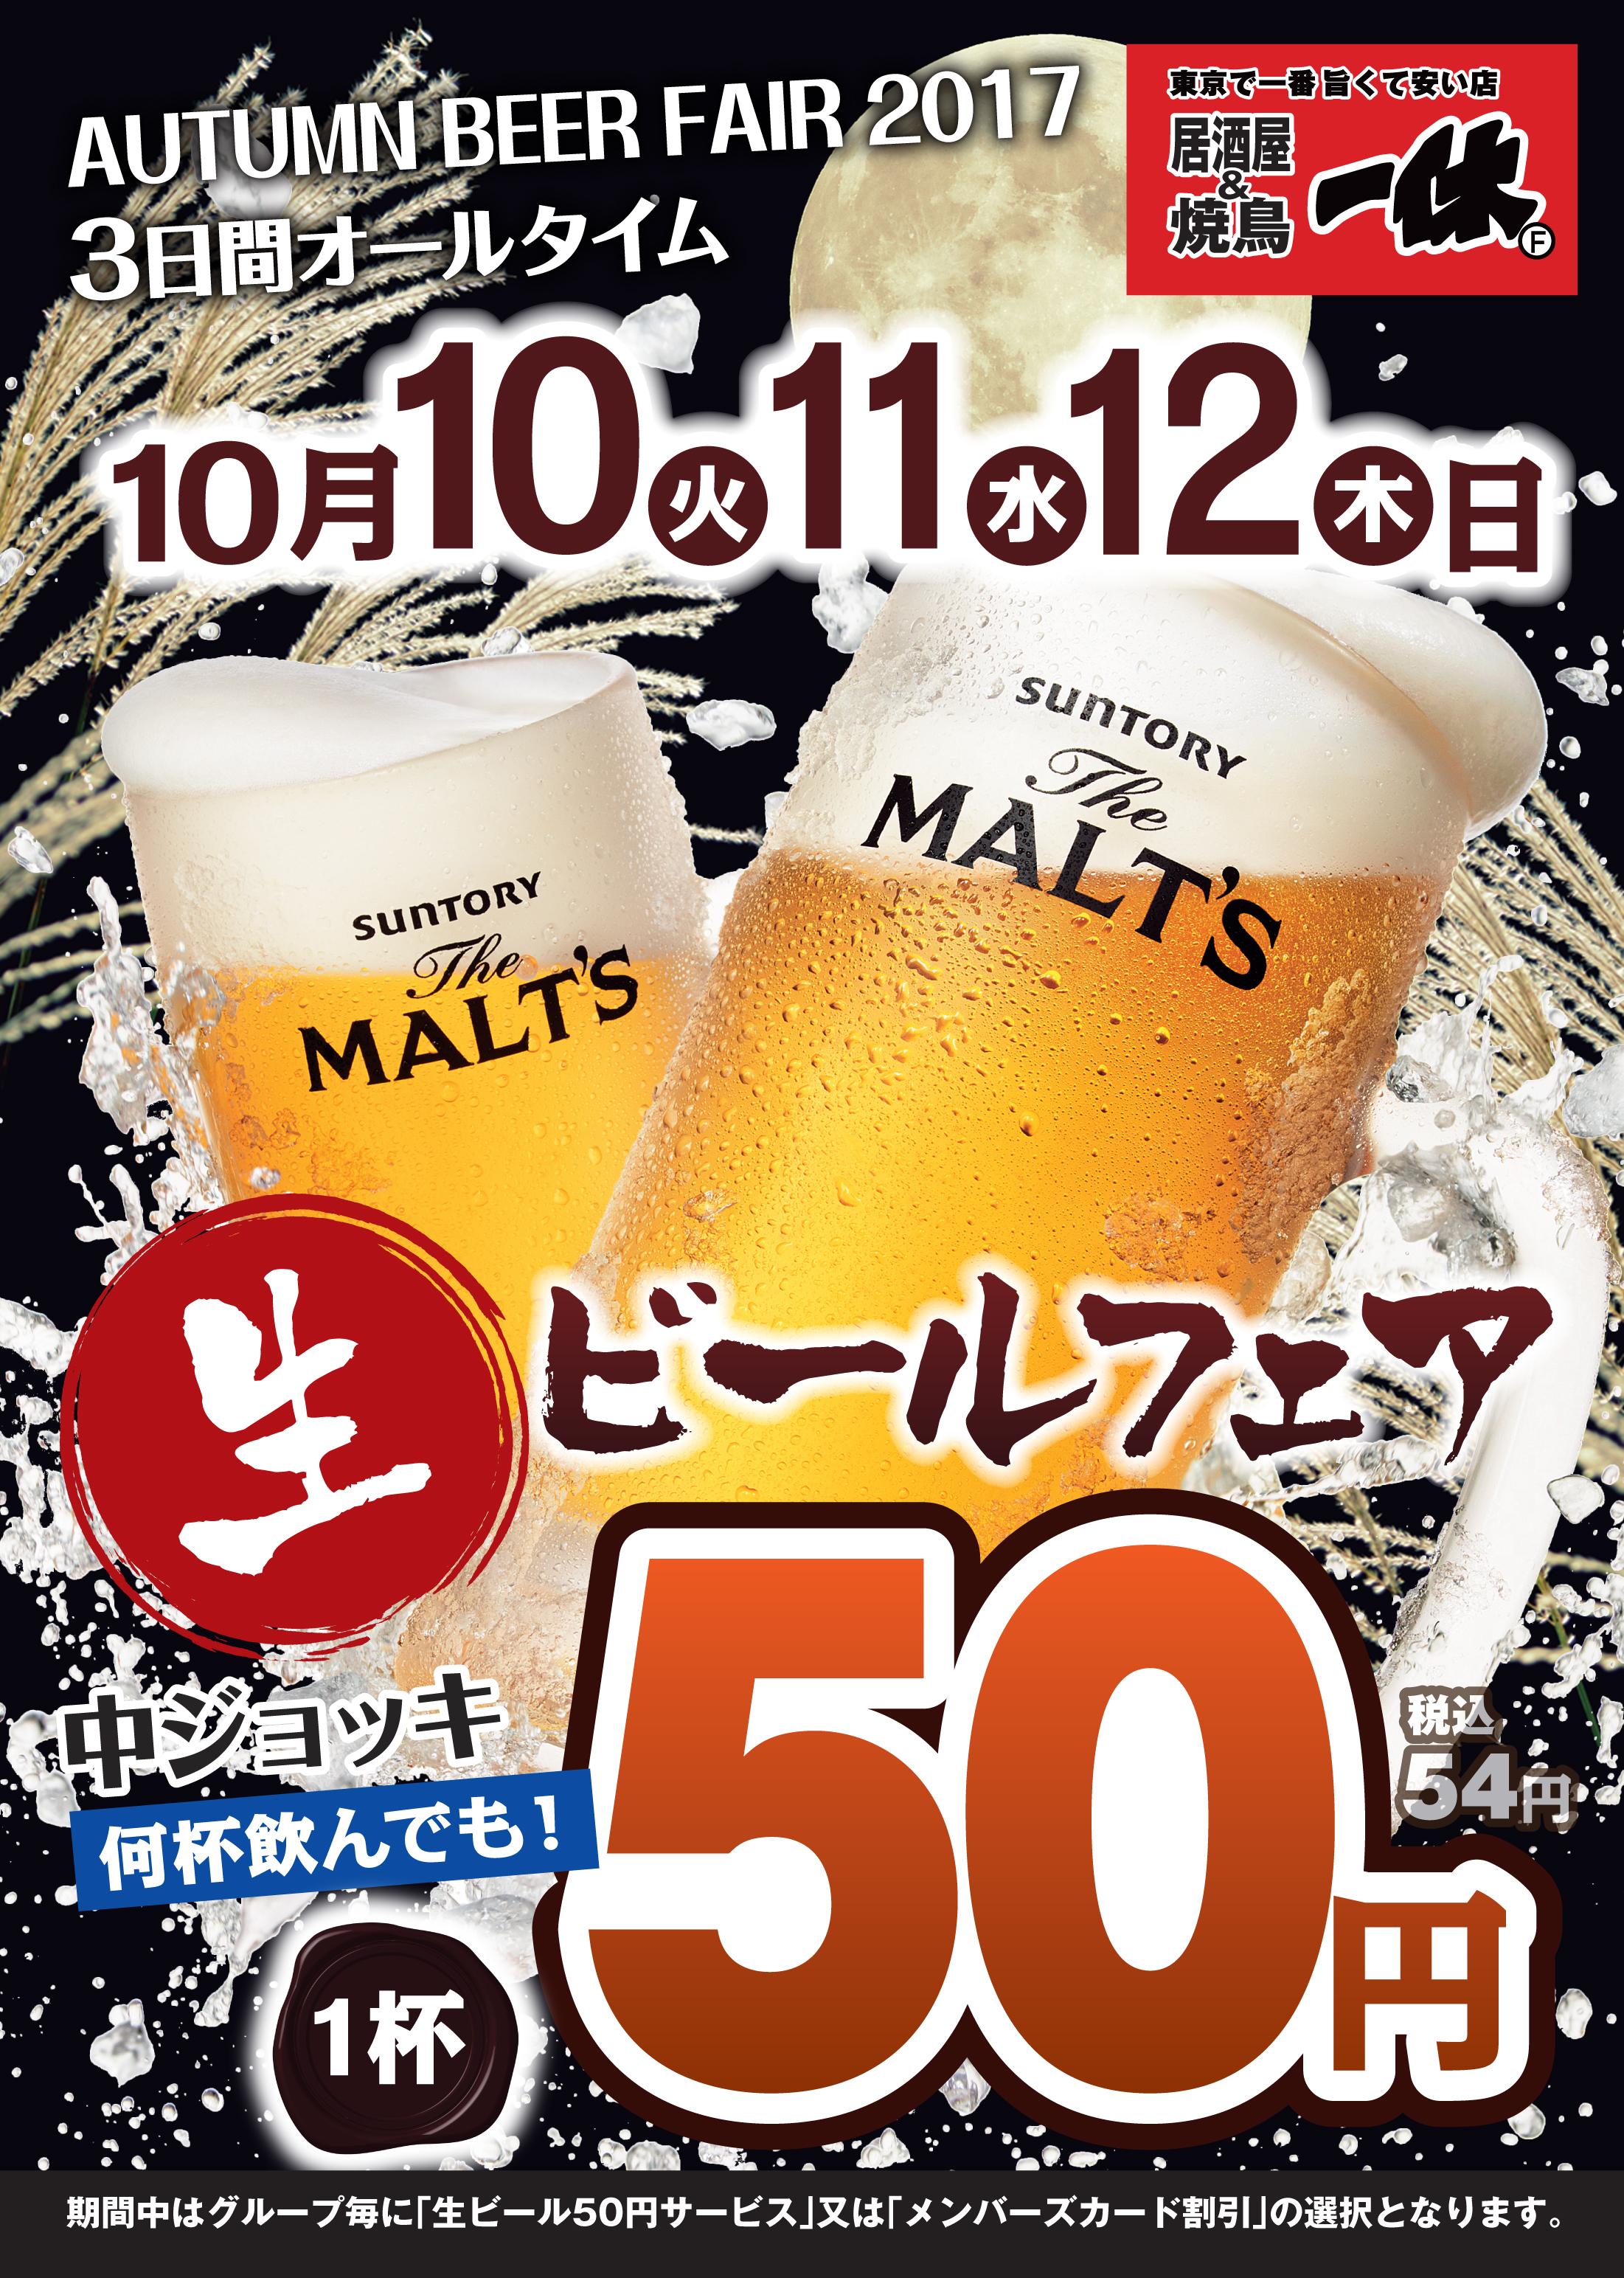 居酒屋一休で生ビールフェアで「サントリー ザ・モルツ」中ジョッキが何杯でも50円。